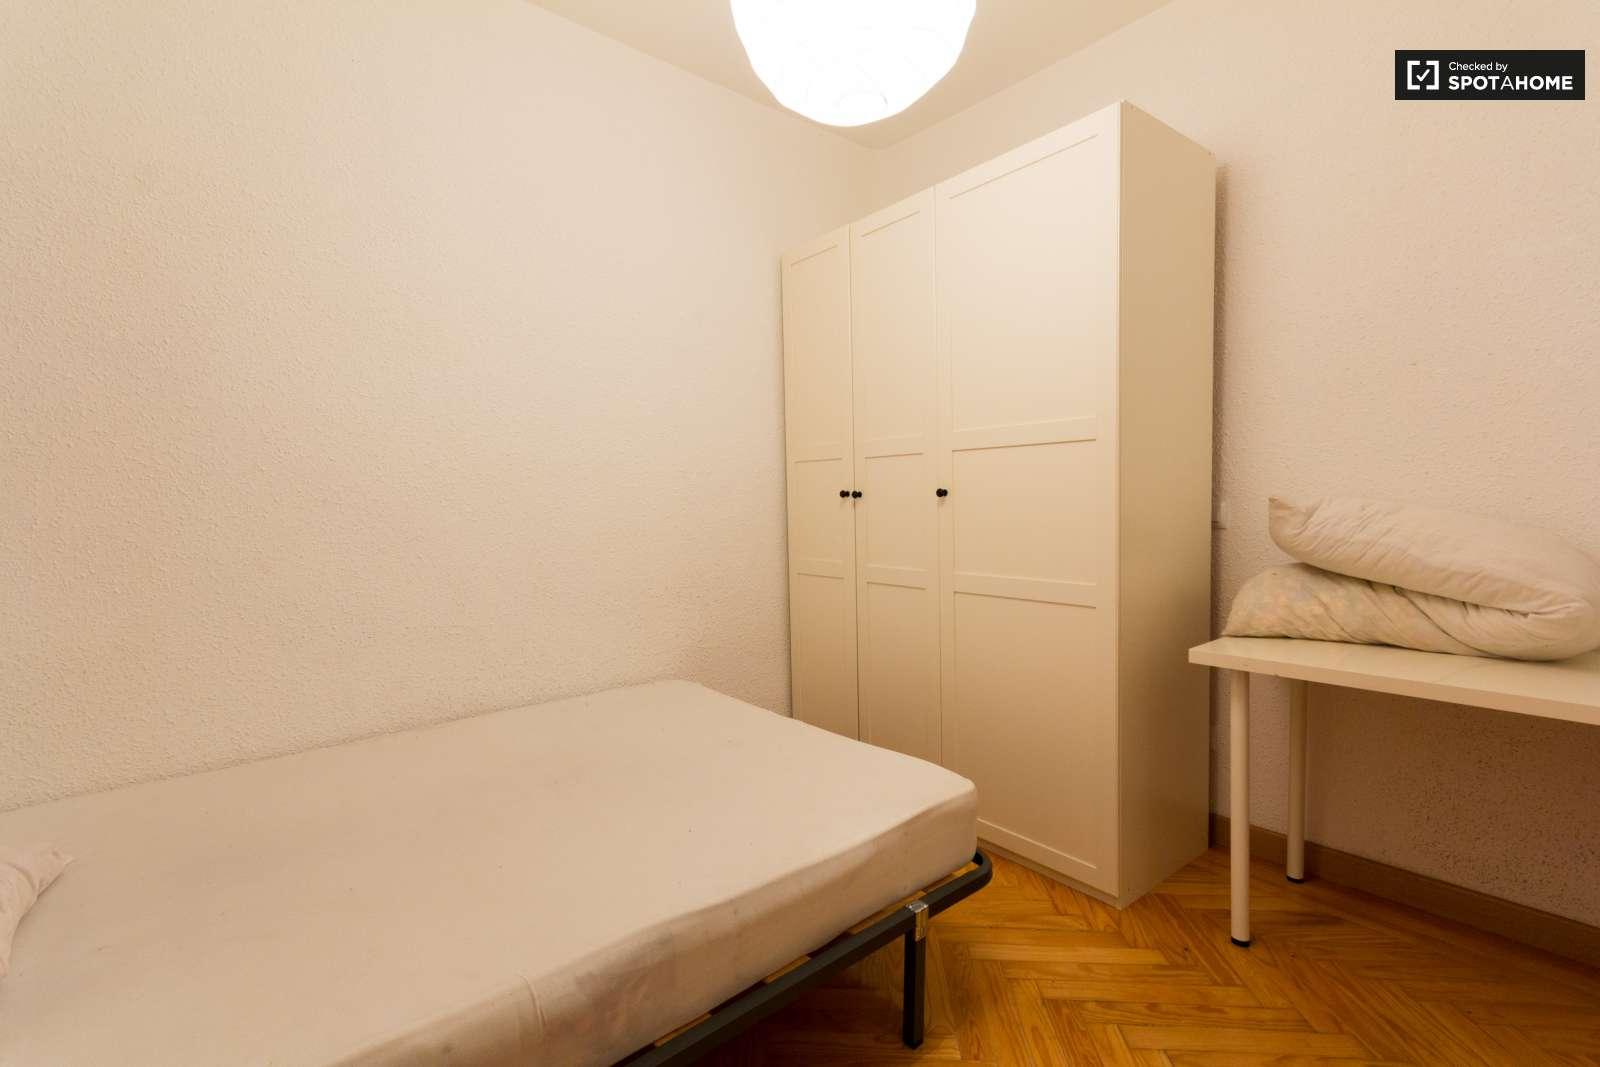 Tranquila habitaci n en piso compartido en chamber for Piso una habitacion madrid